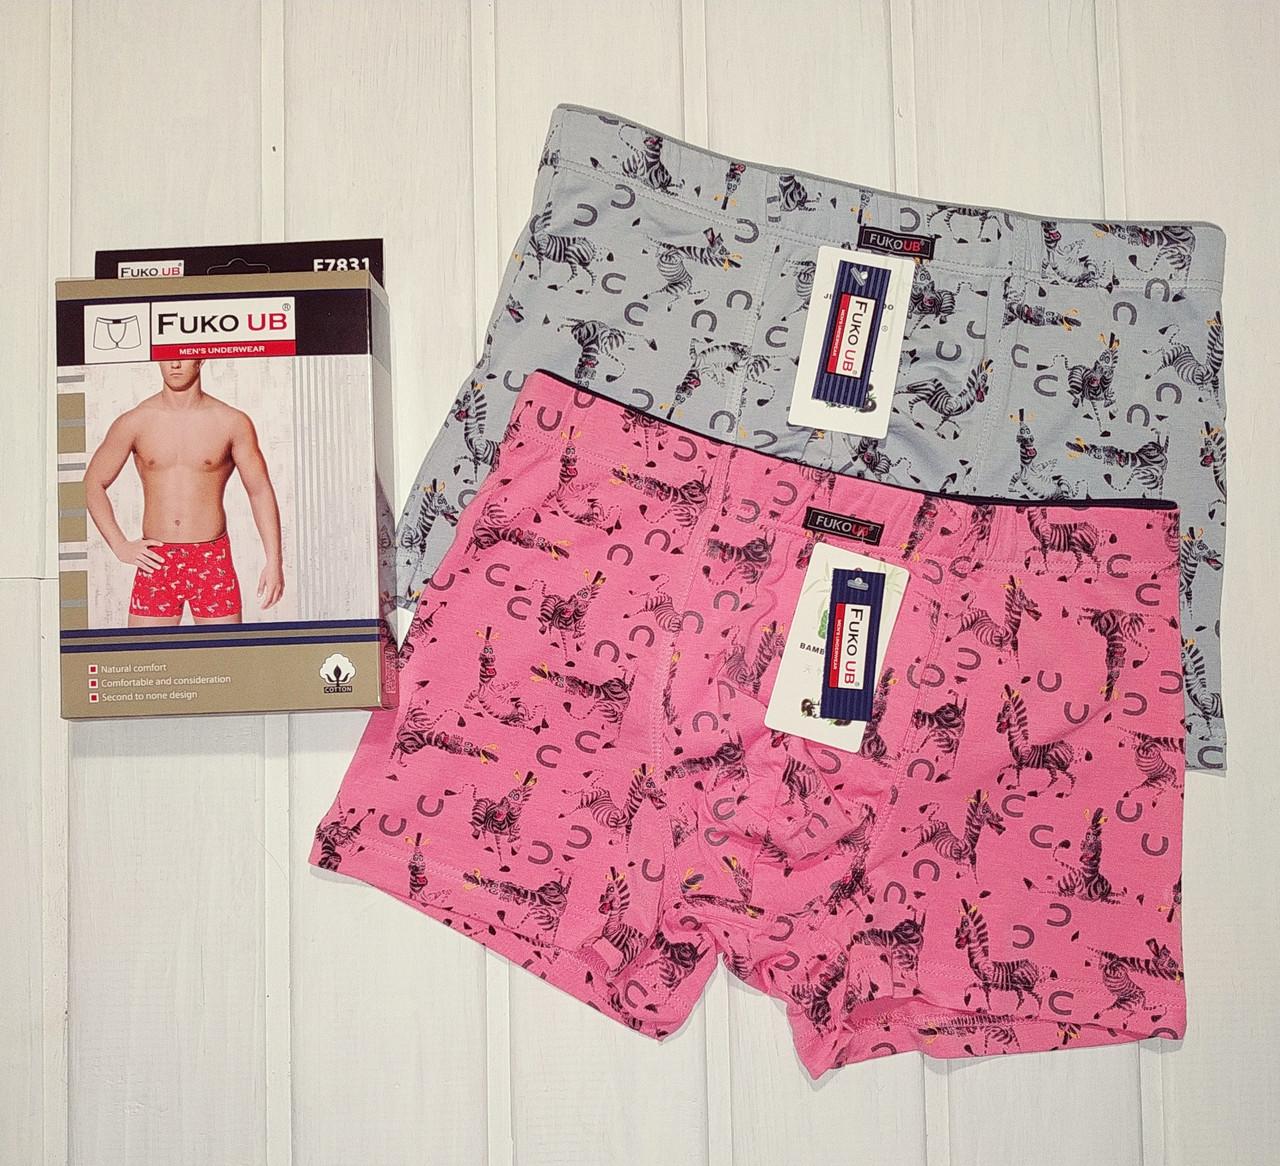 Мужские трусы боксерки в упаковке 2 шт  Размер XXL